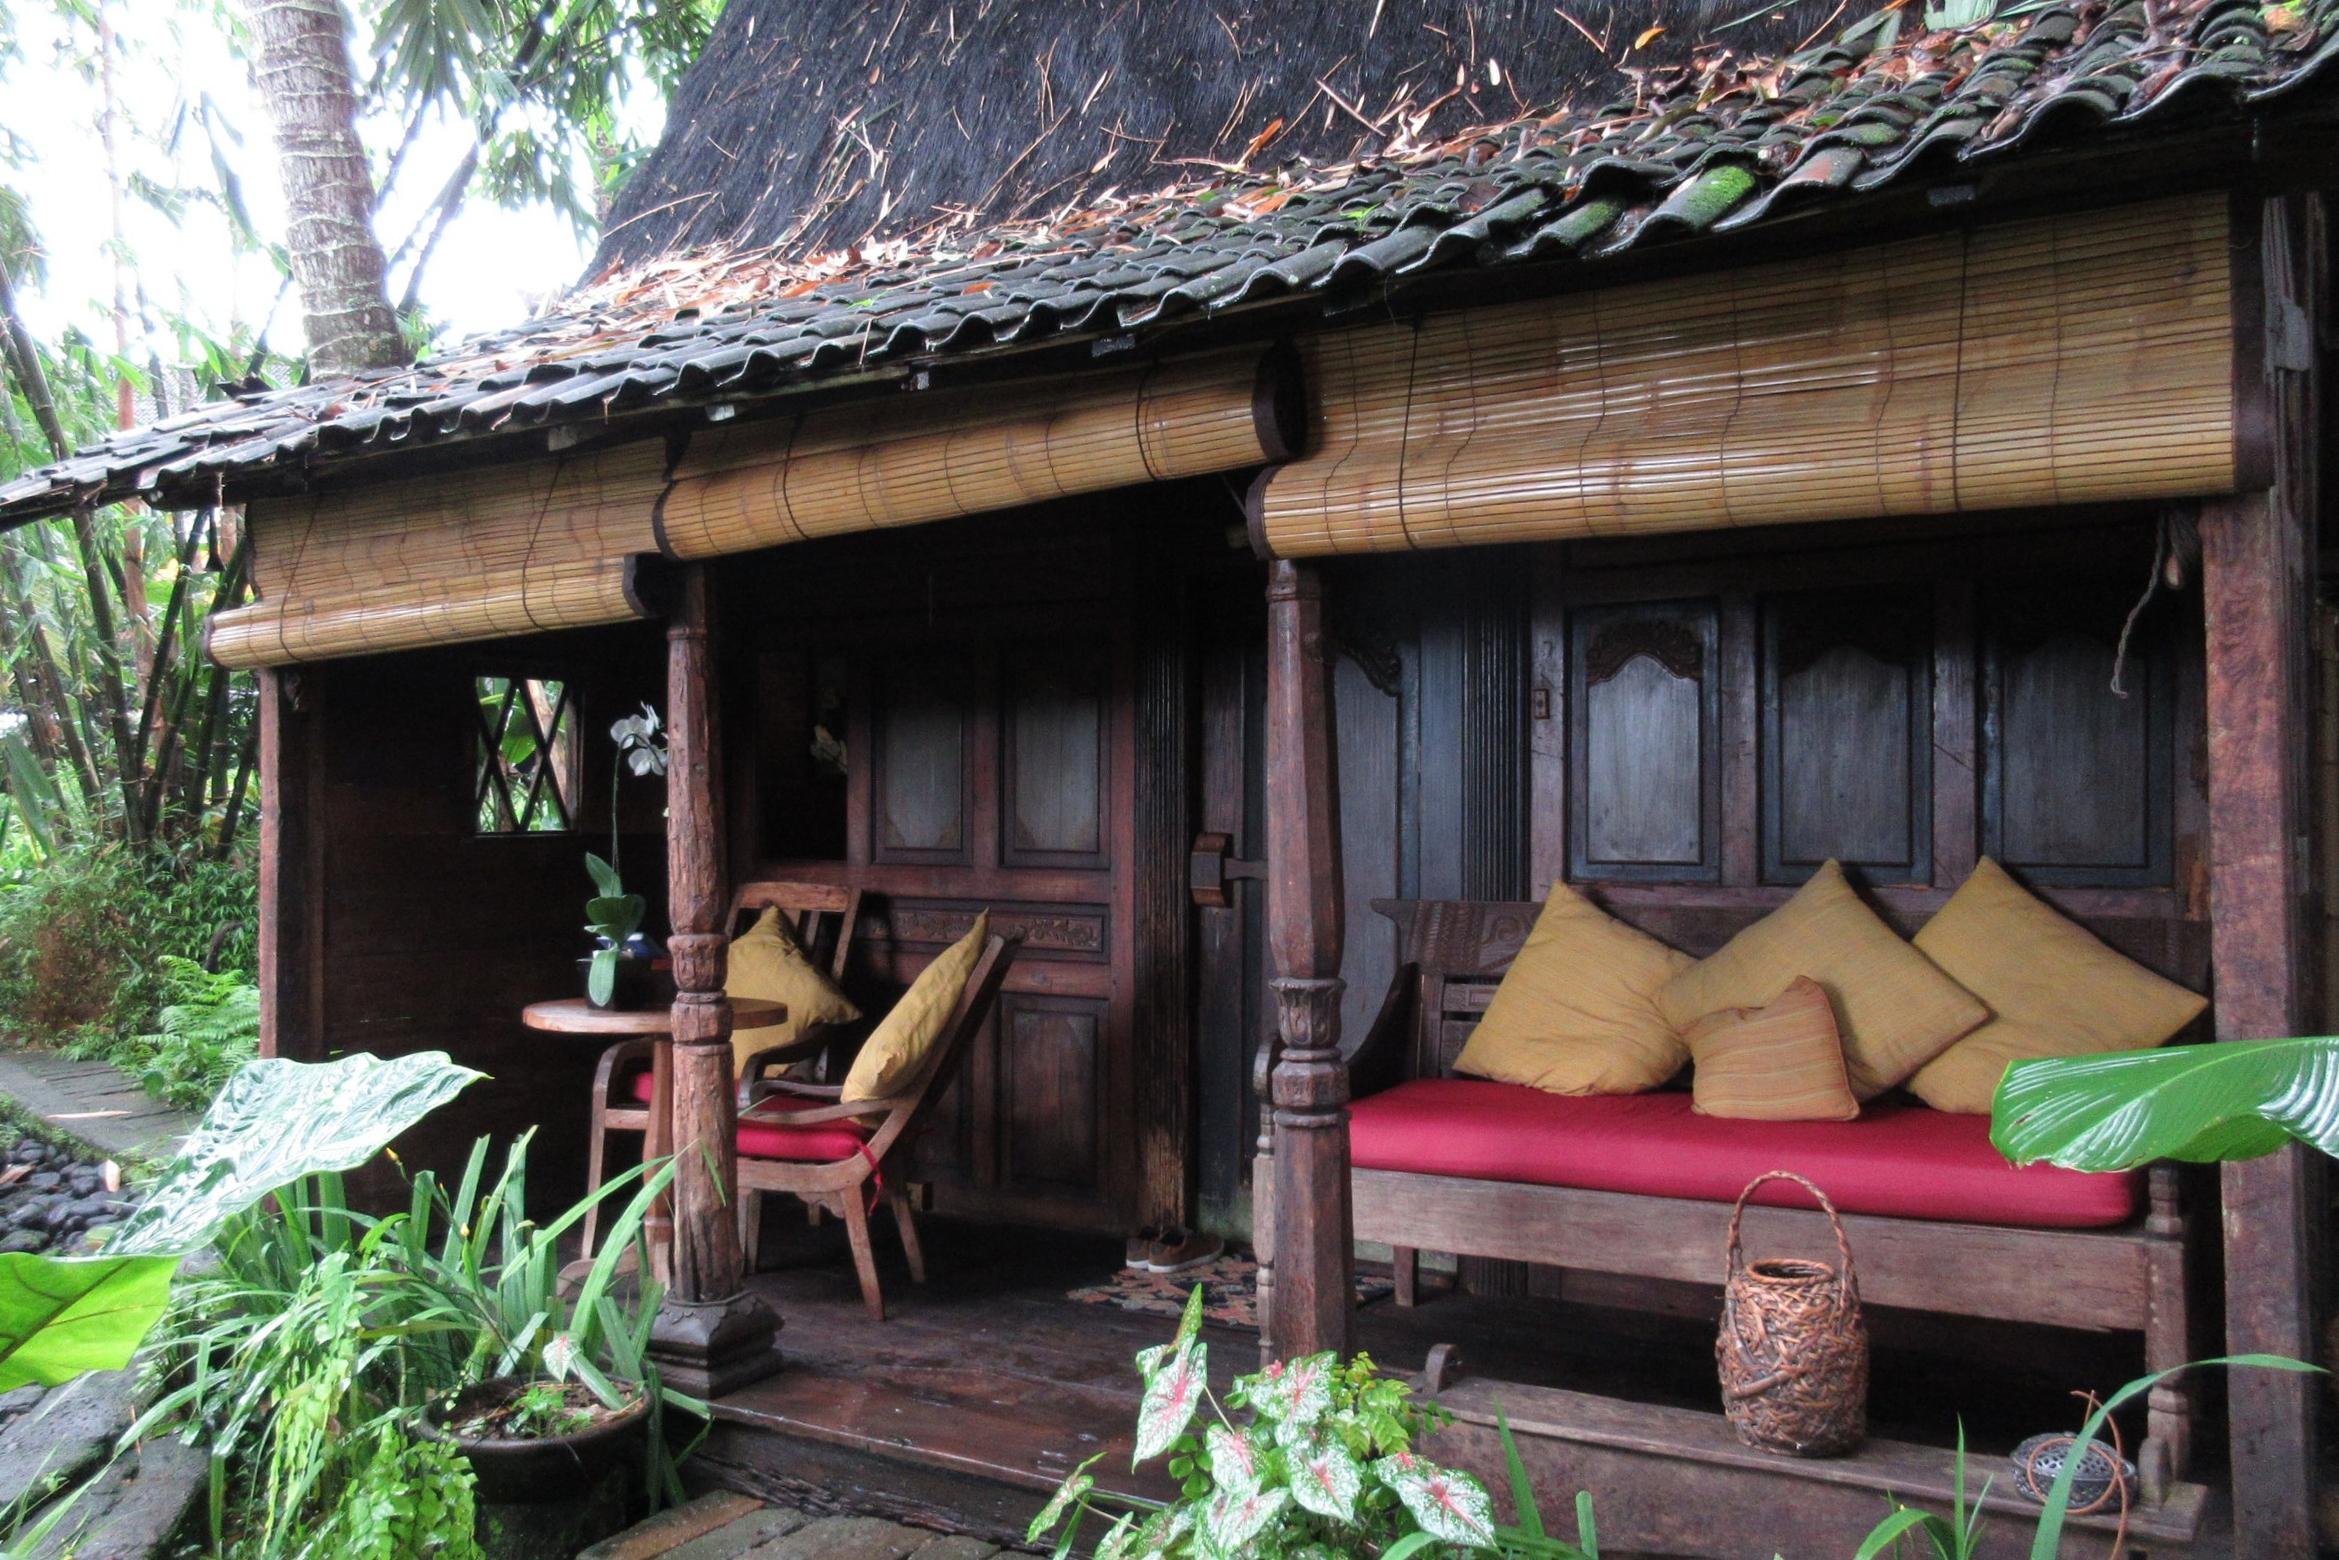 Bambu Indah Ubud – Udang House exterior